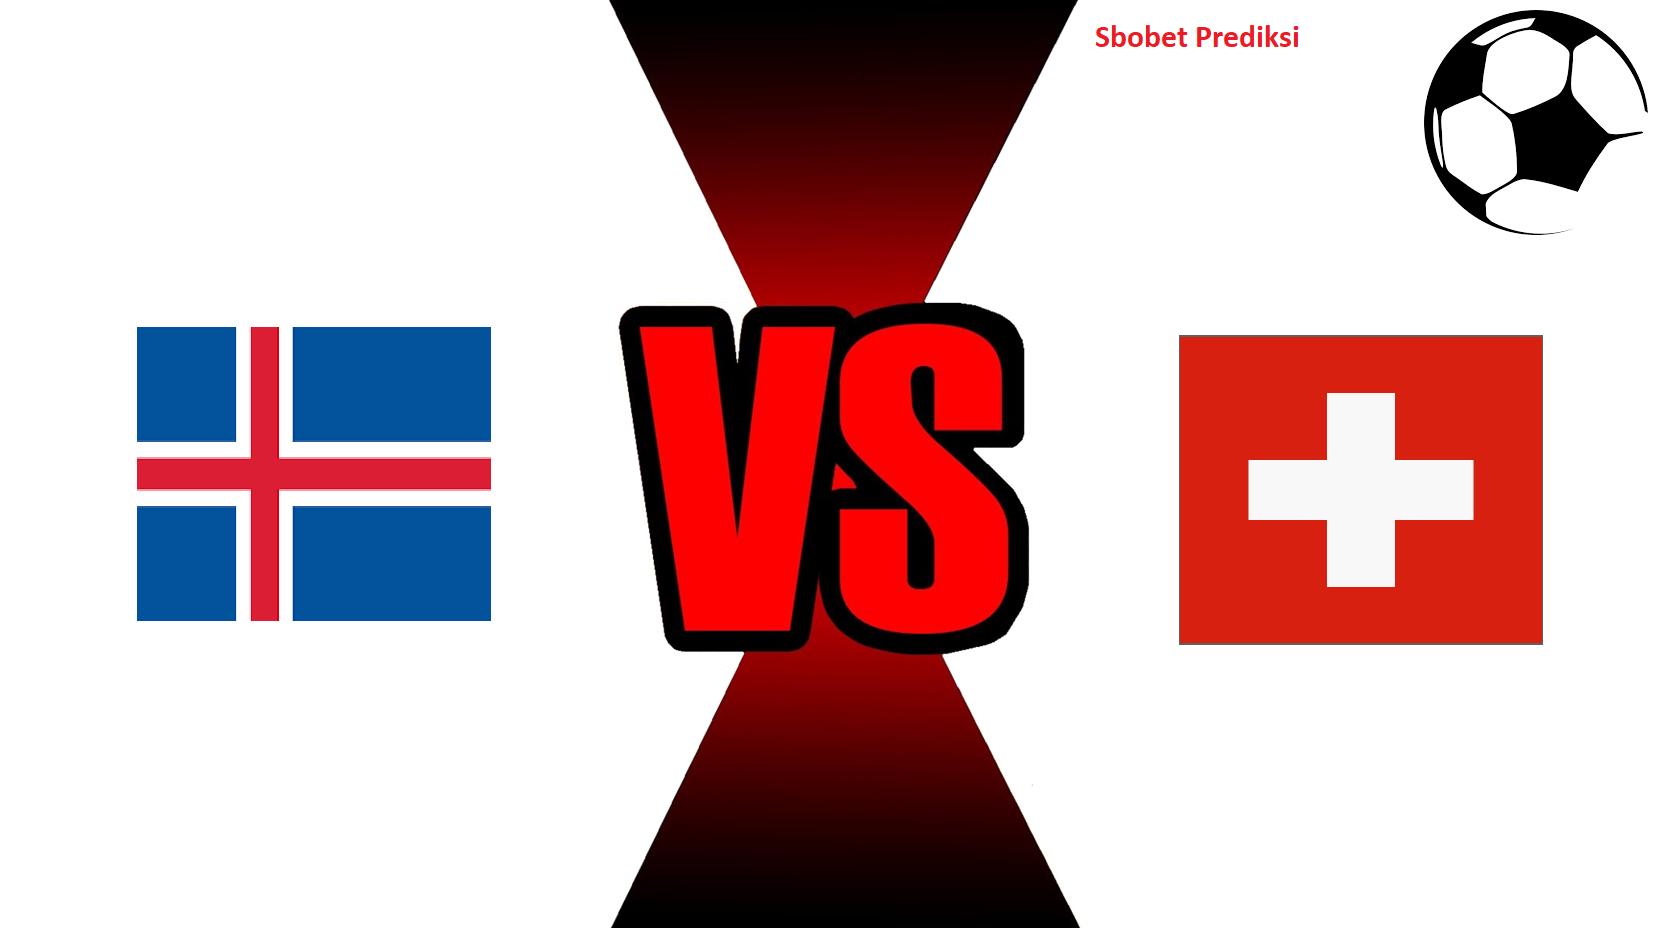 Prediksi Skor Pertandingan Islandia vs Swiss 16 Oktober 2018